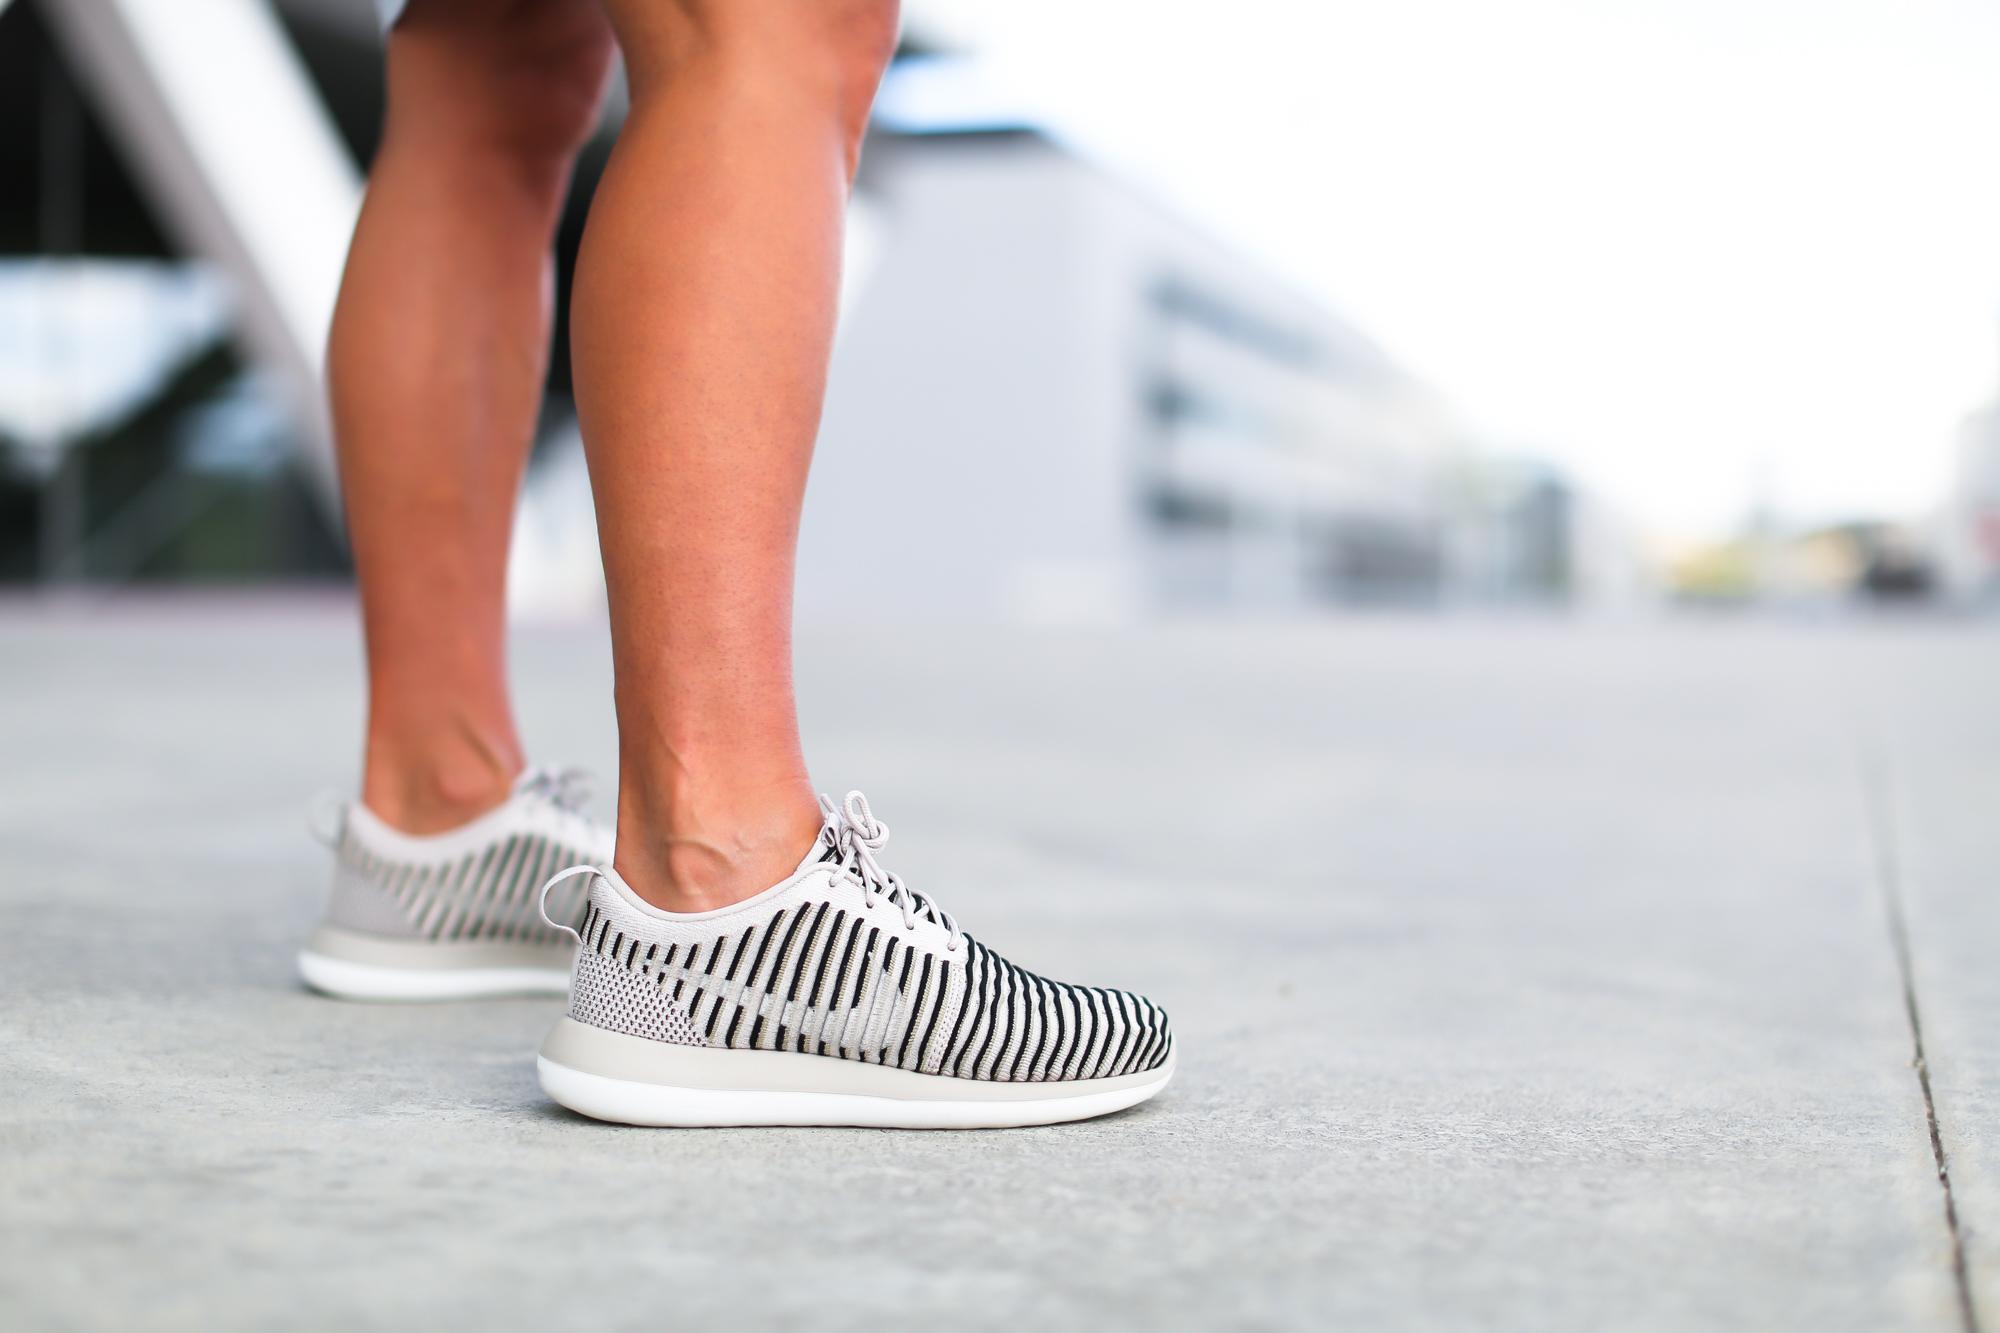 clochet_streetstyle_NIKEROSHETWOFLYKNIT_sneakers_nike